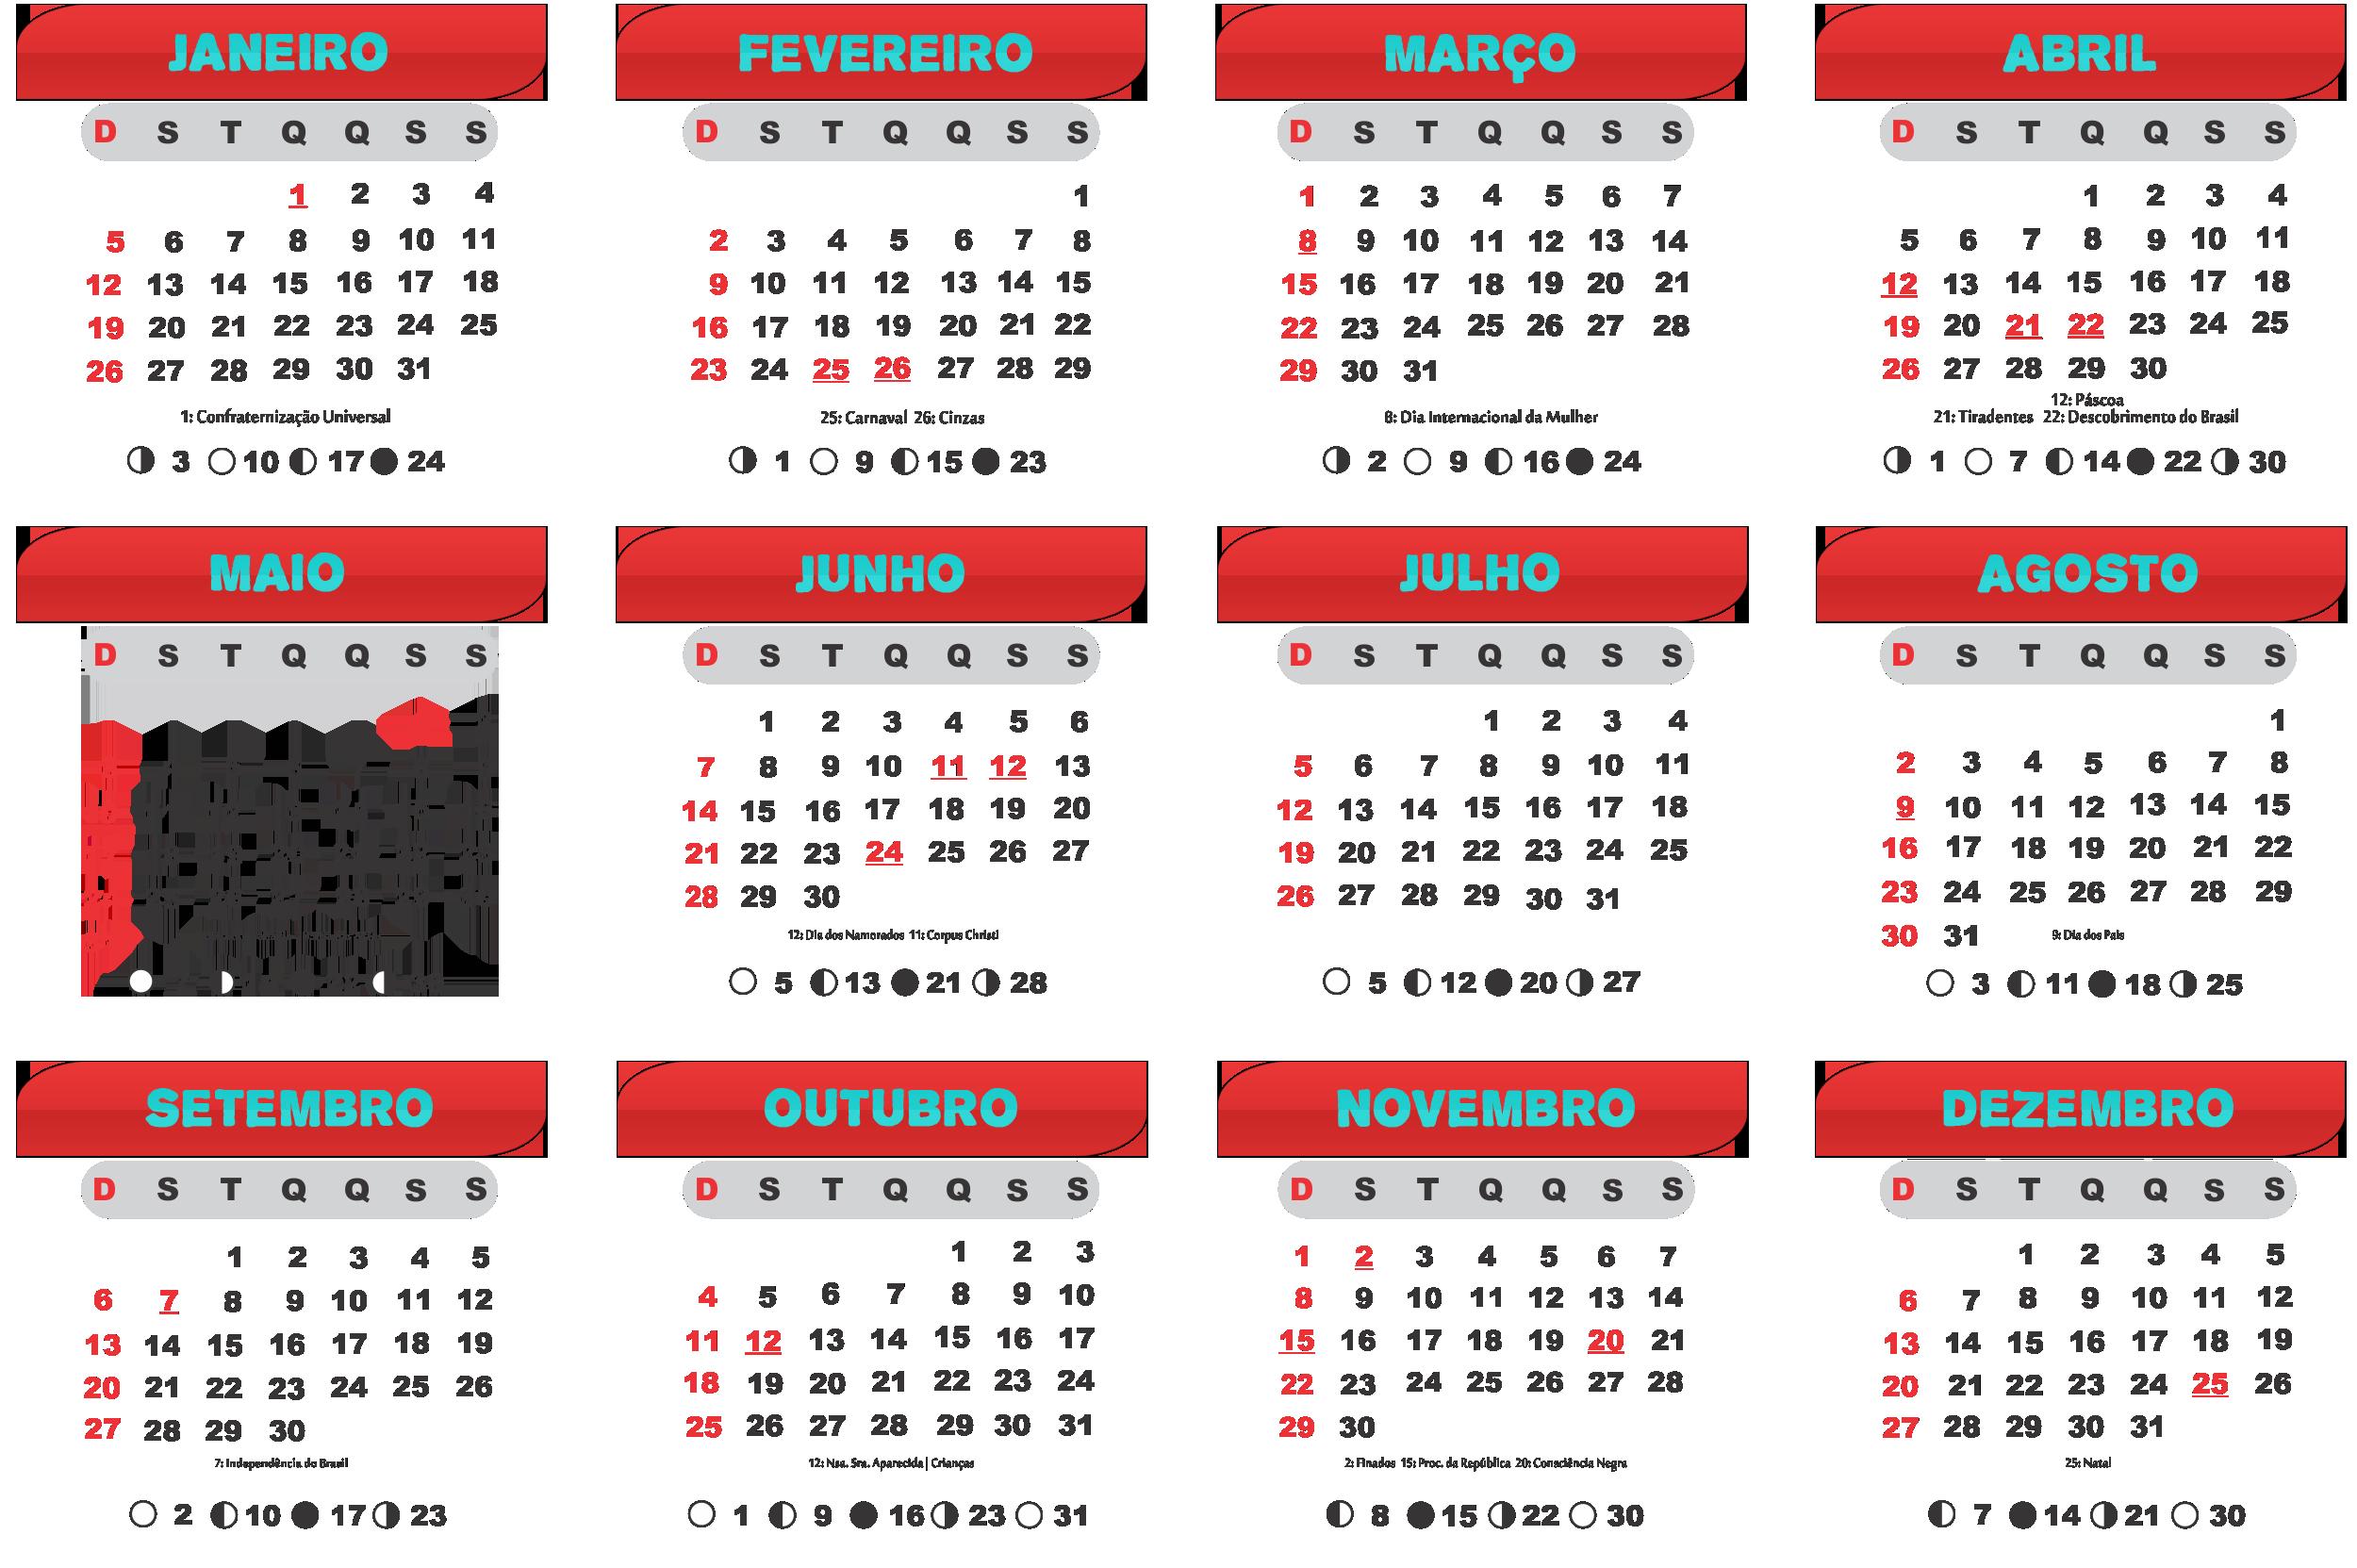 Gabarito Calendário 2020 Vermelho e Azul Esverdeado